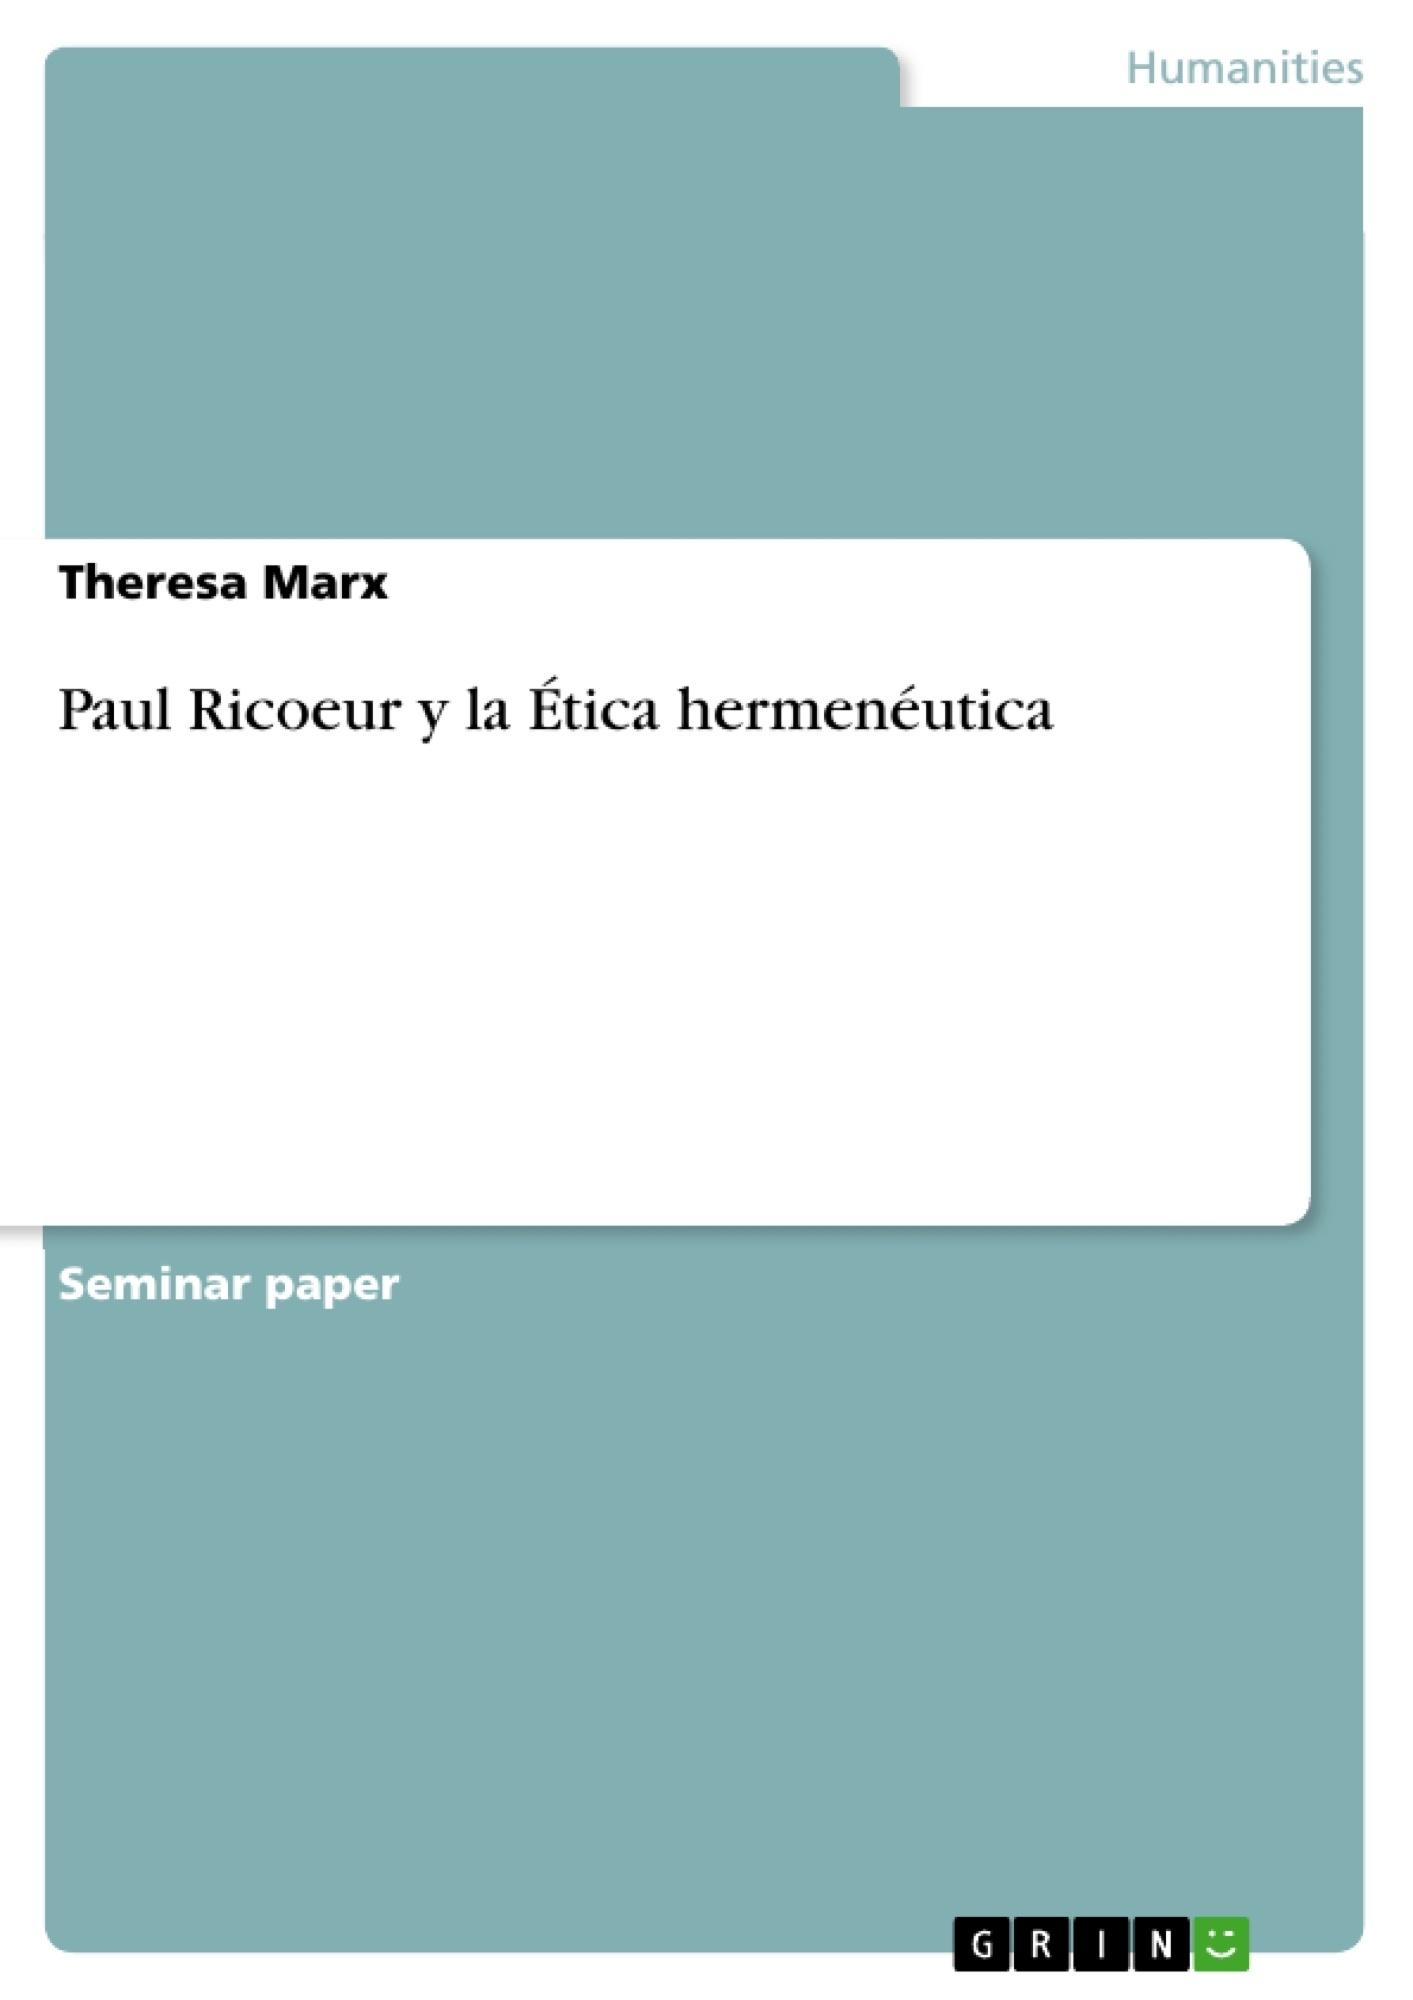 Título: Paul Ricoeur y la Ética hermenéutica